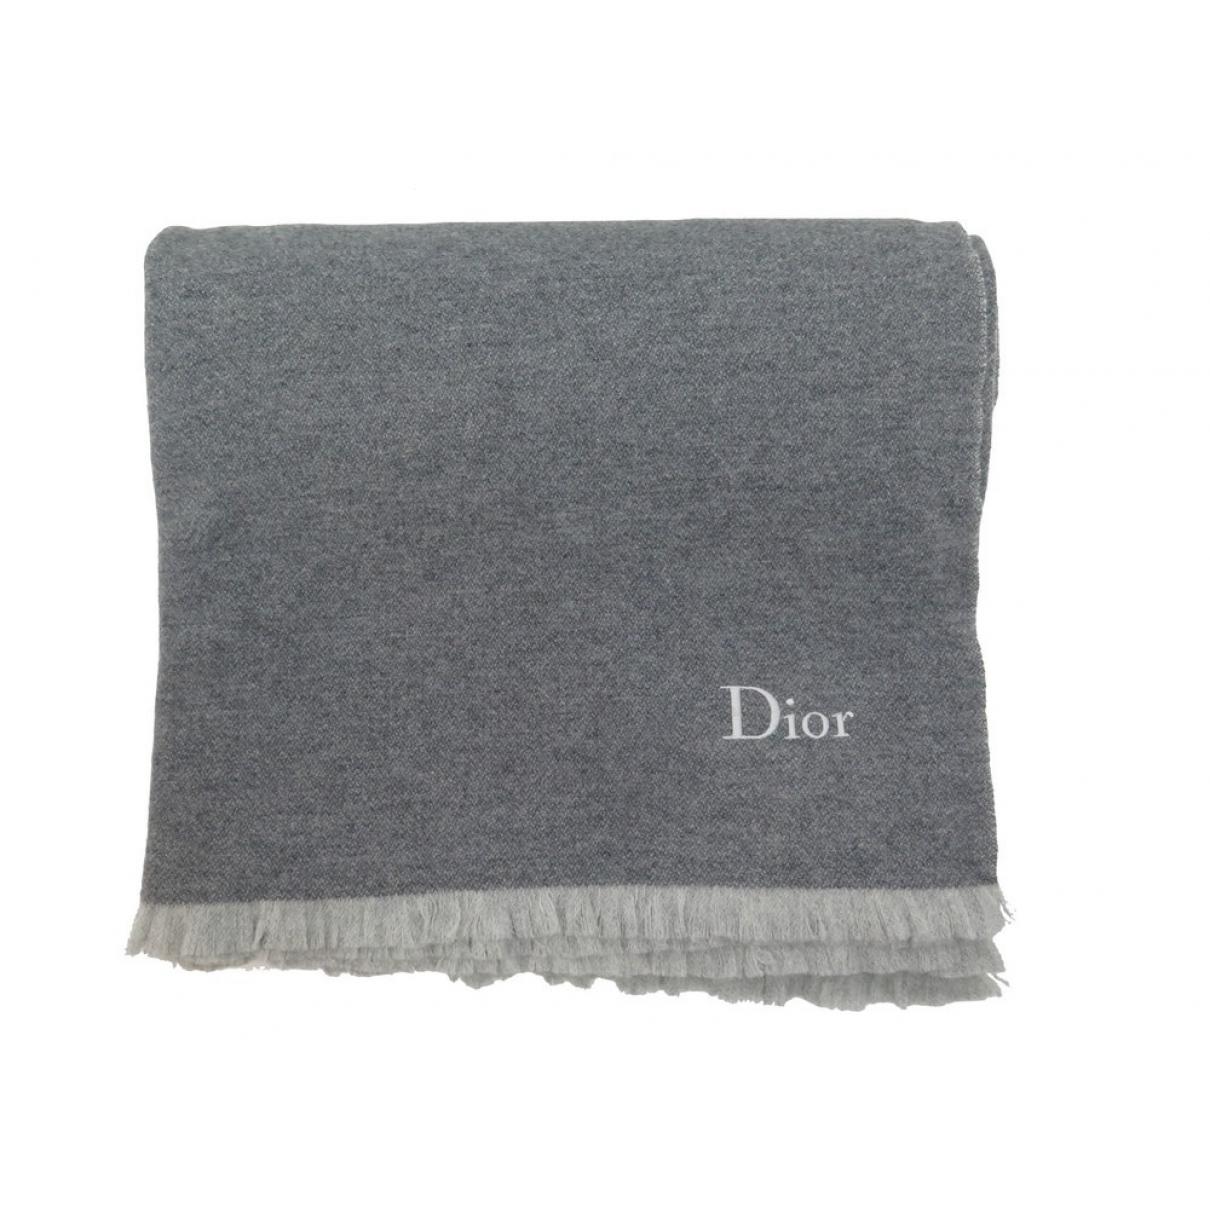 Dior \N Heimtextilien in  Grau Wolle